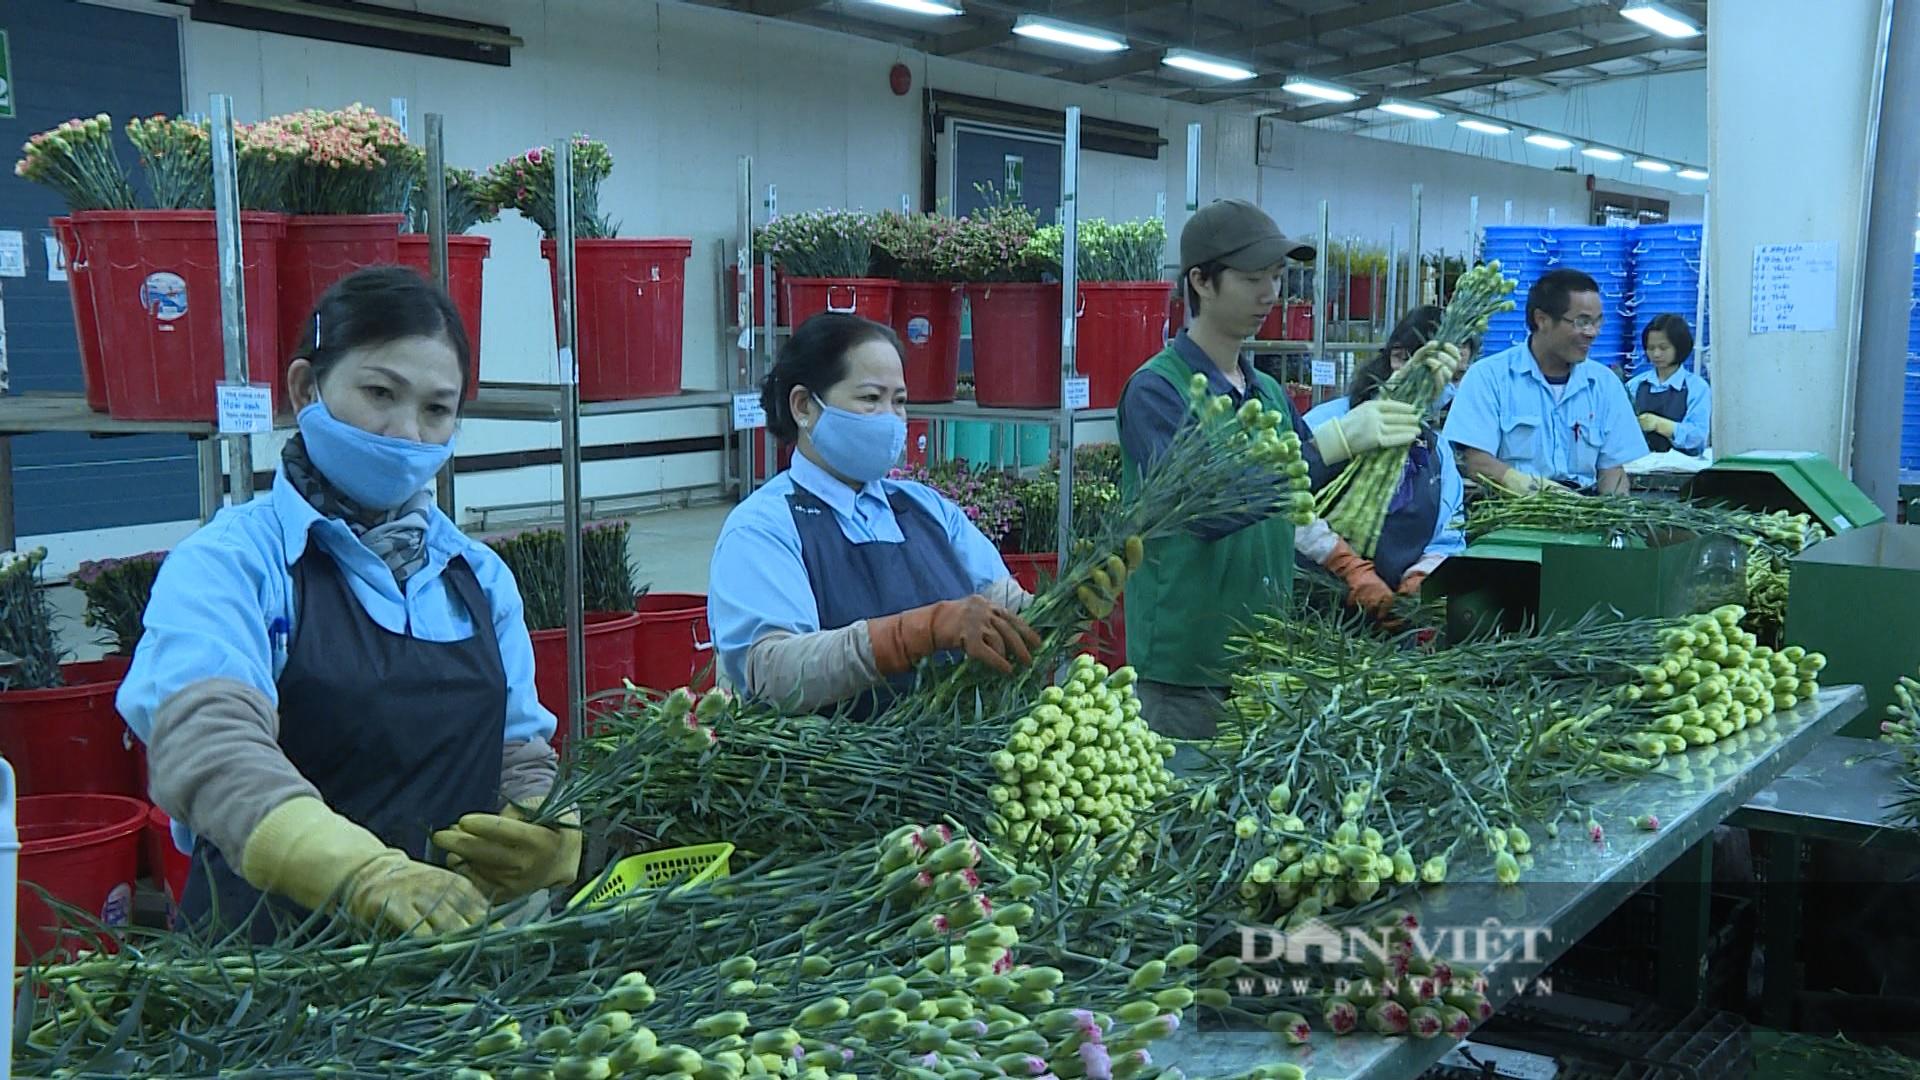 """Lâm Đồng: Giá thuê đất nông nghiệp """"trên trời"""" khiến nhà đầu tư """"e ngại"""" - Ảnh 4."""